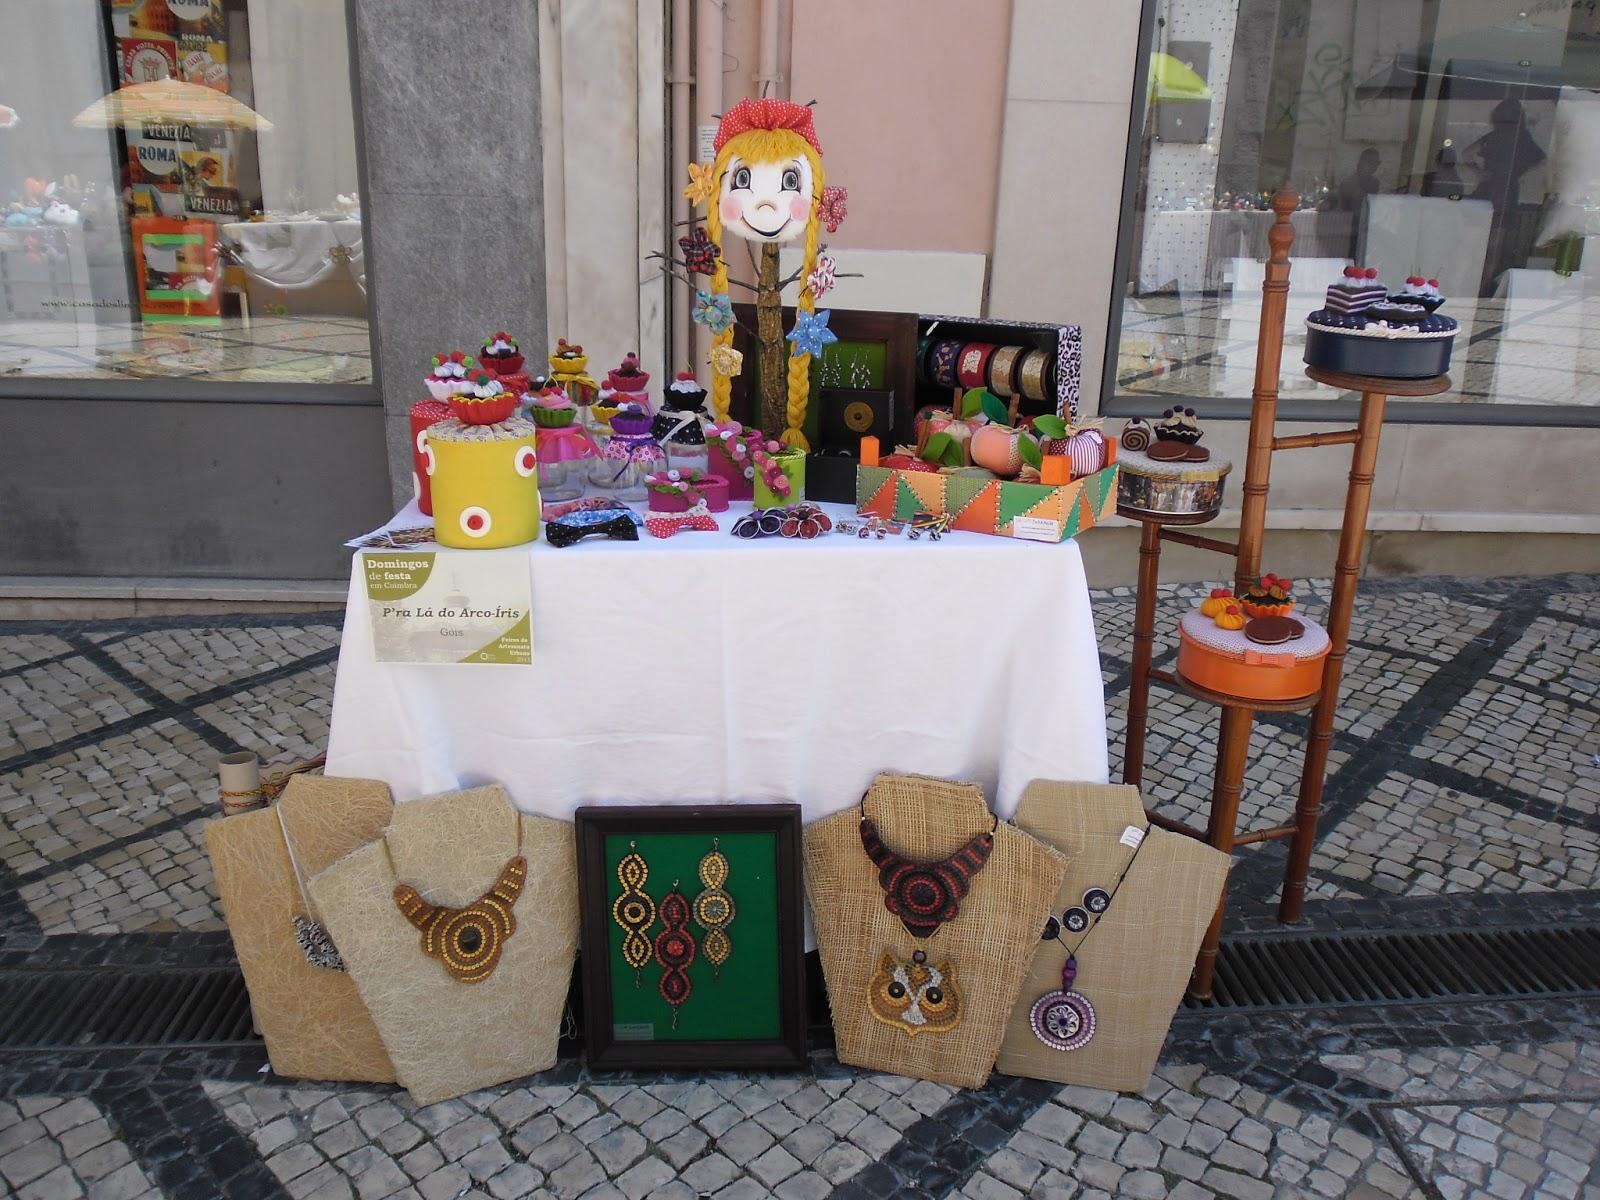 Feira Artesanato Urbano Coimbra ~ P'ra lá do Arco u00cdris Feira de Artesanato Urbano em Coimbra